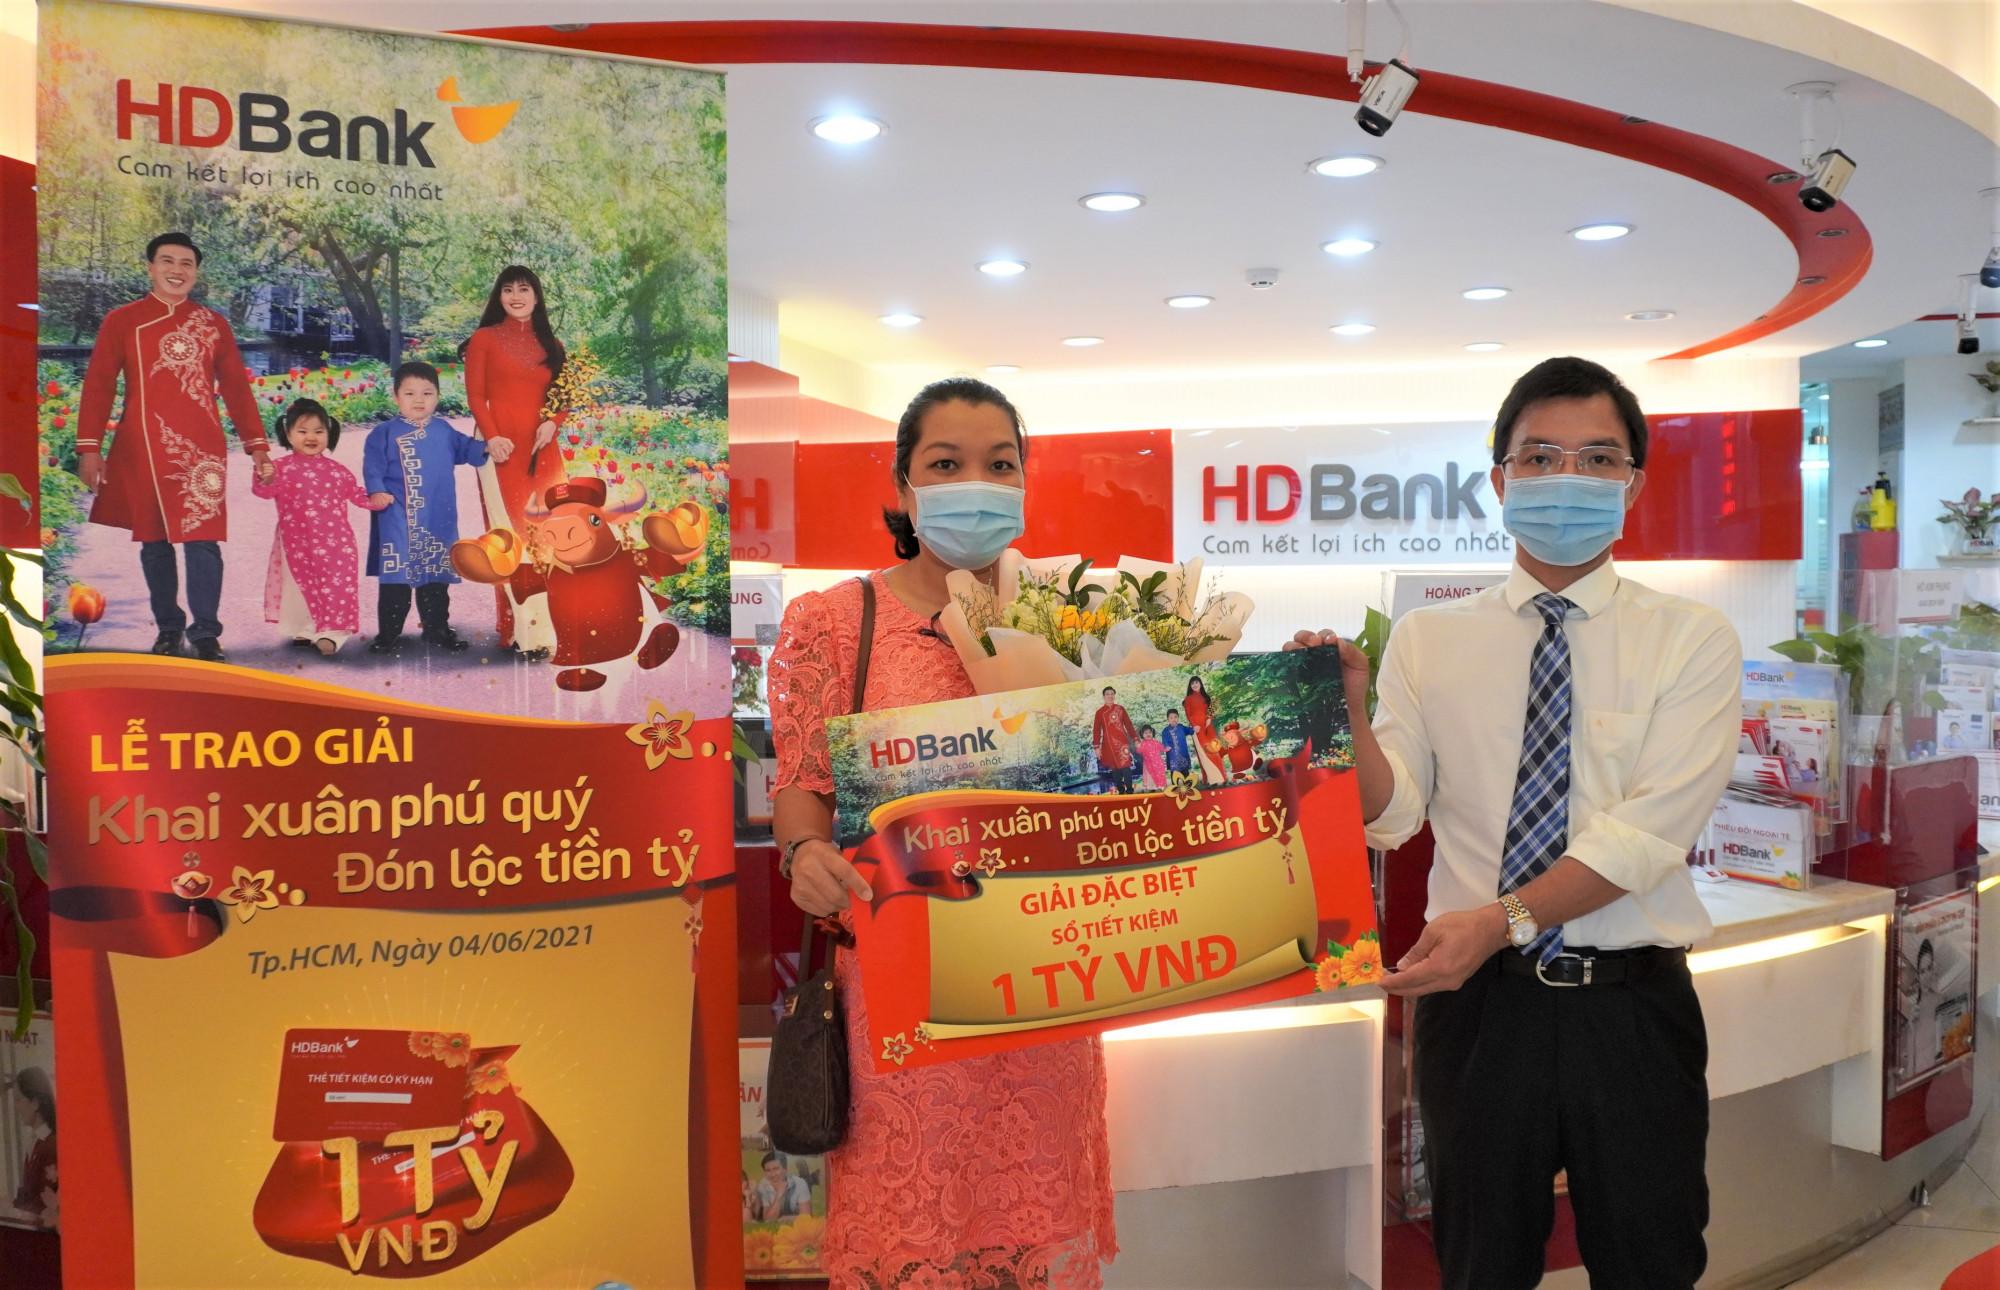 Ông Lê Ngọc Anh - Giám đốc HDBank Duy Tân trao sổ tiết kiệm 1 tỷ đồng cho khách hàng Phạm Thị Bảo Khanh. Ảnh: HDBank